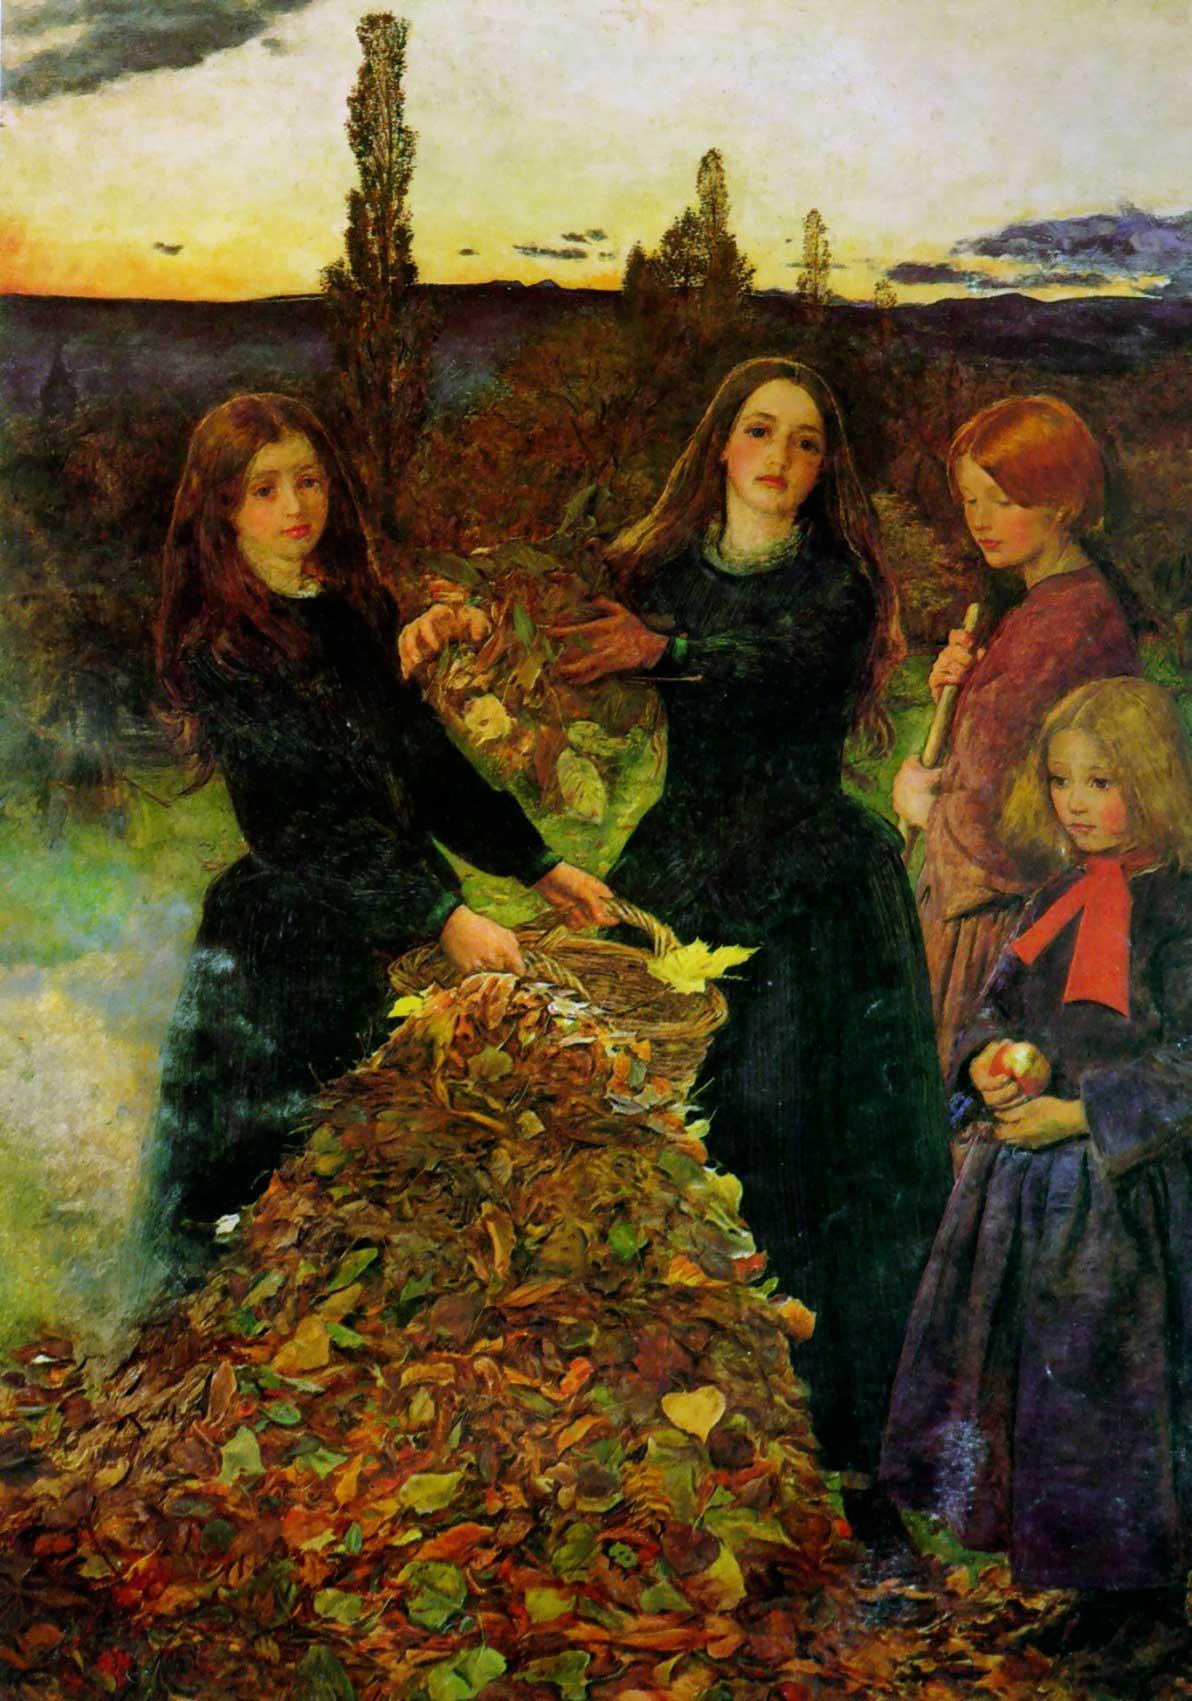 http://uploads0.wikipaintings.org/images/john-everett-millais/autumn-leaves-1856.jpg